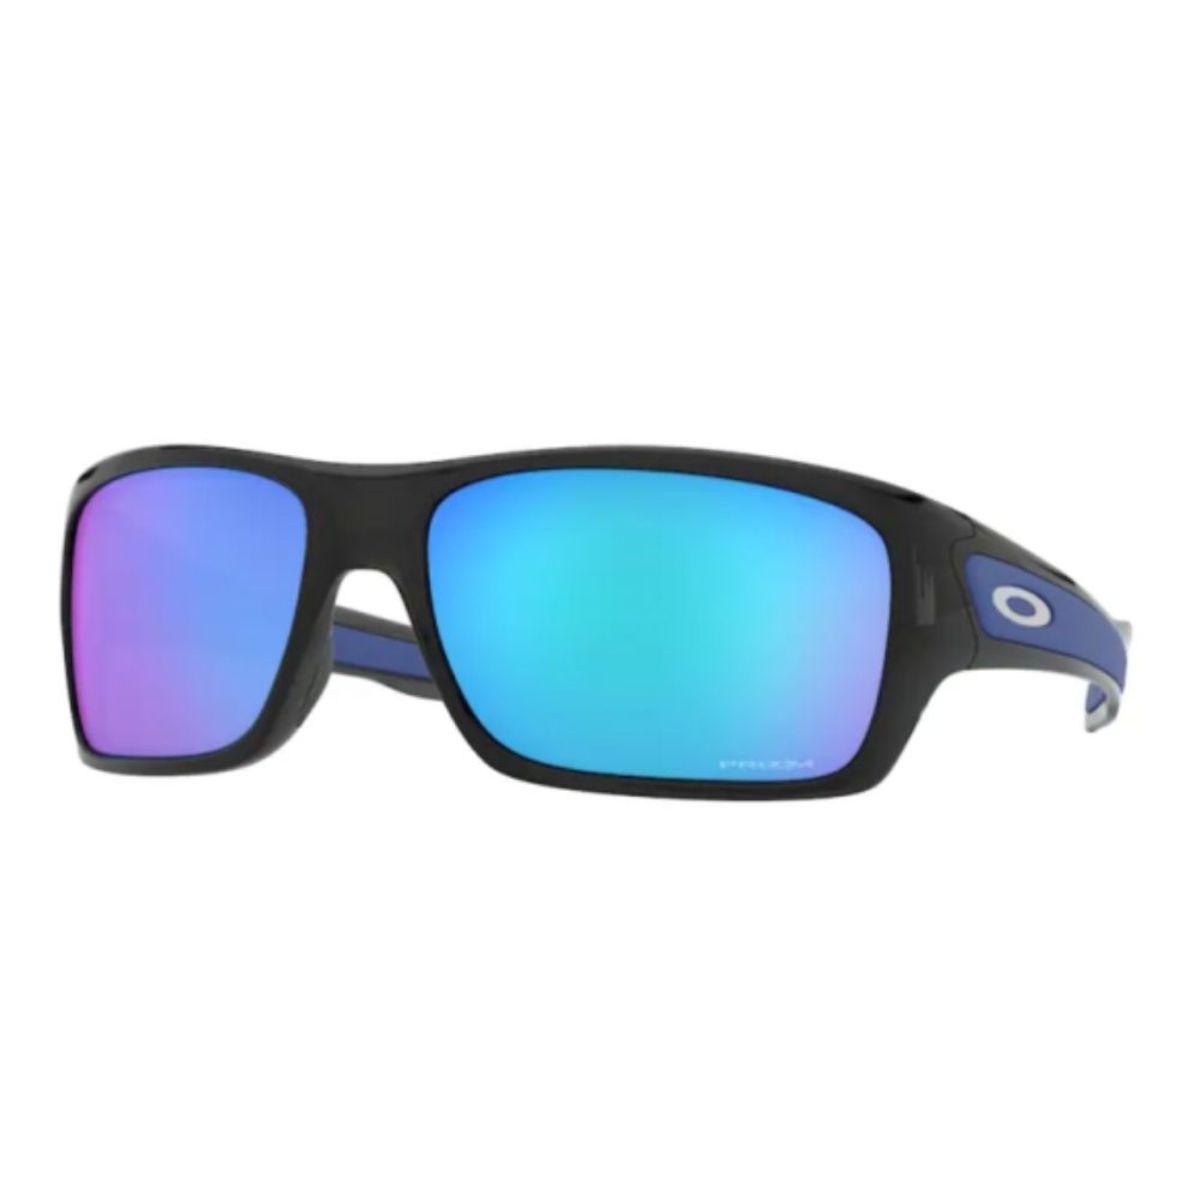 Gafas de sol Oakley 9263 5663 65-17